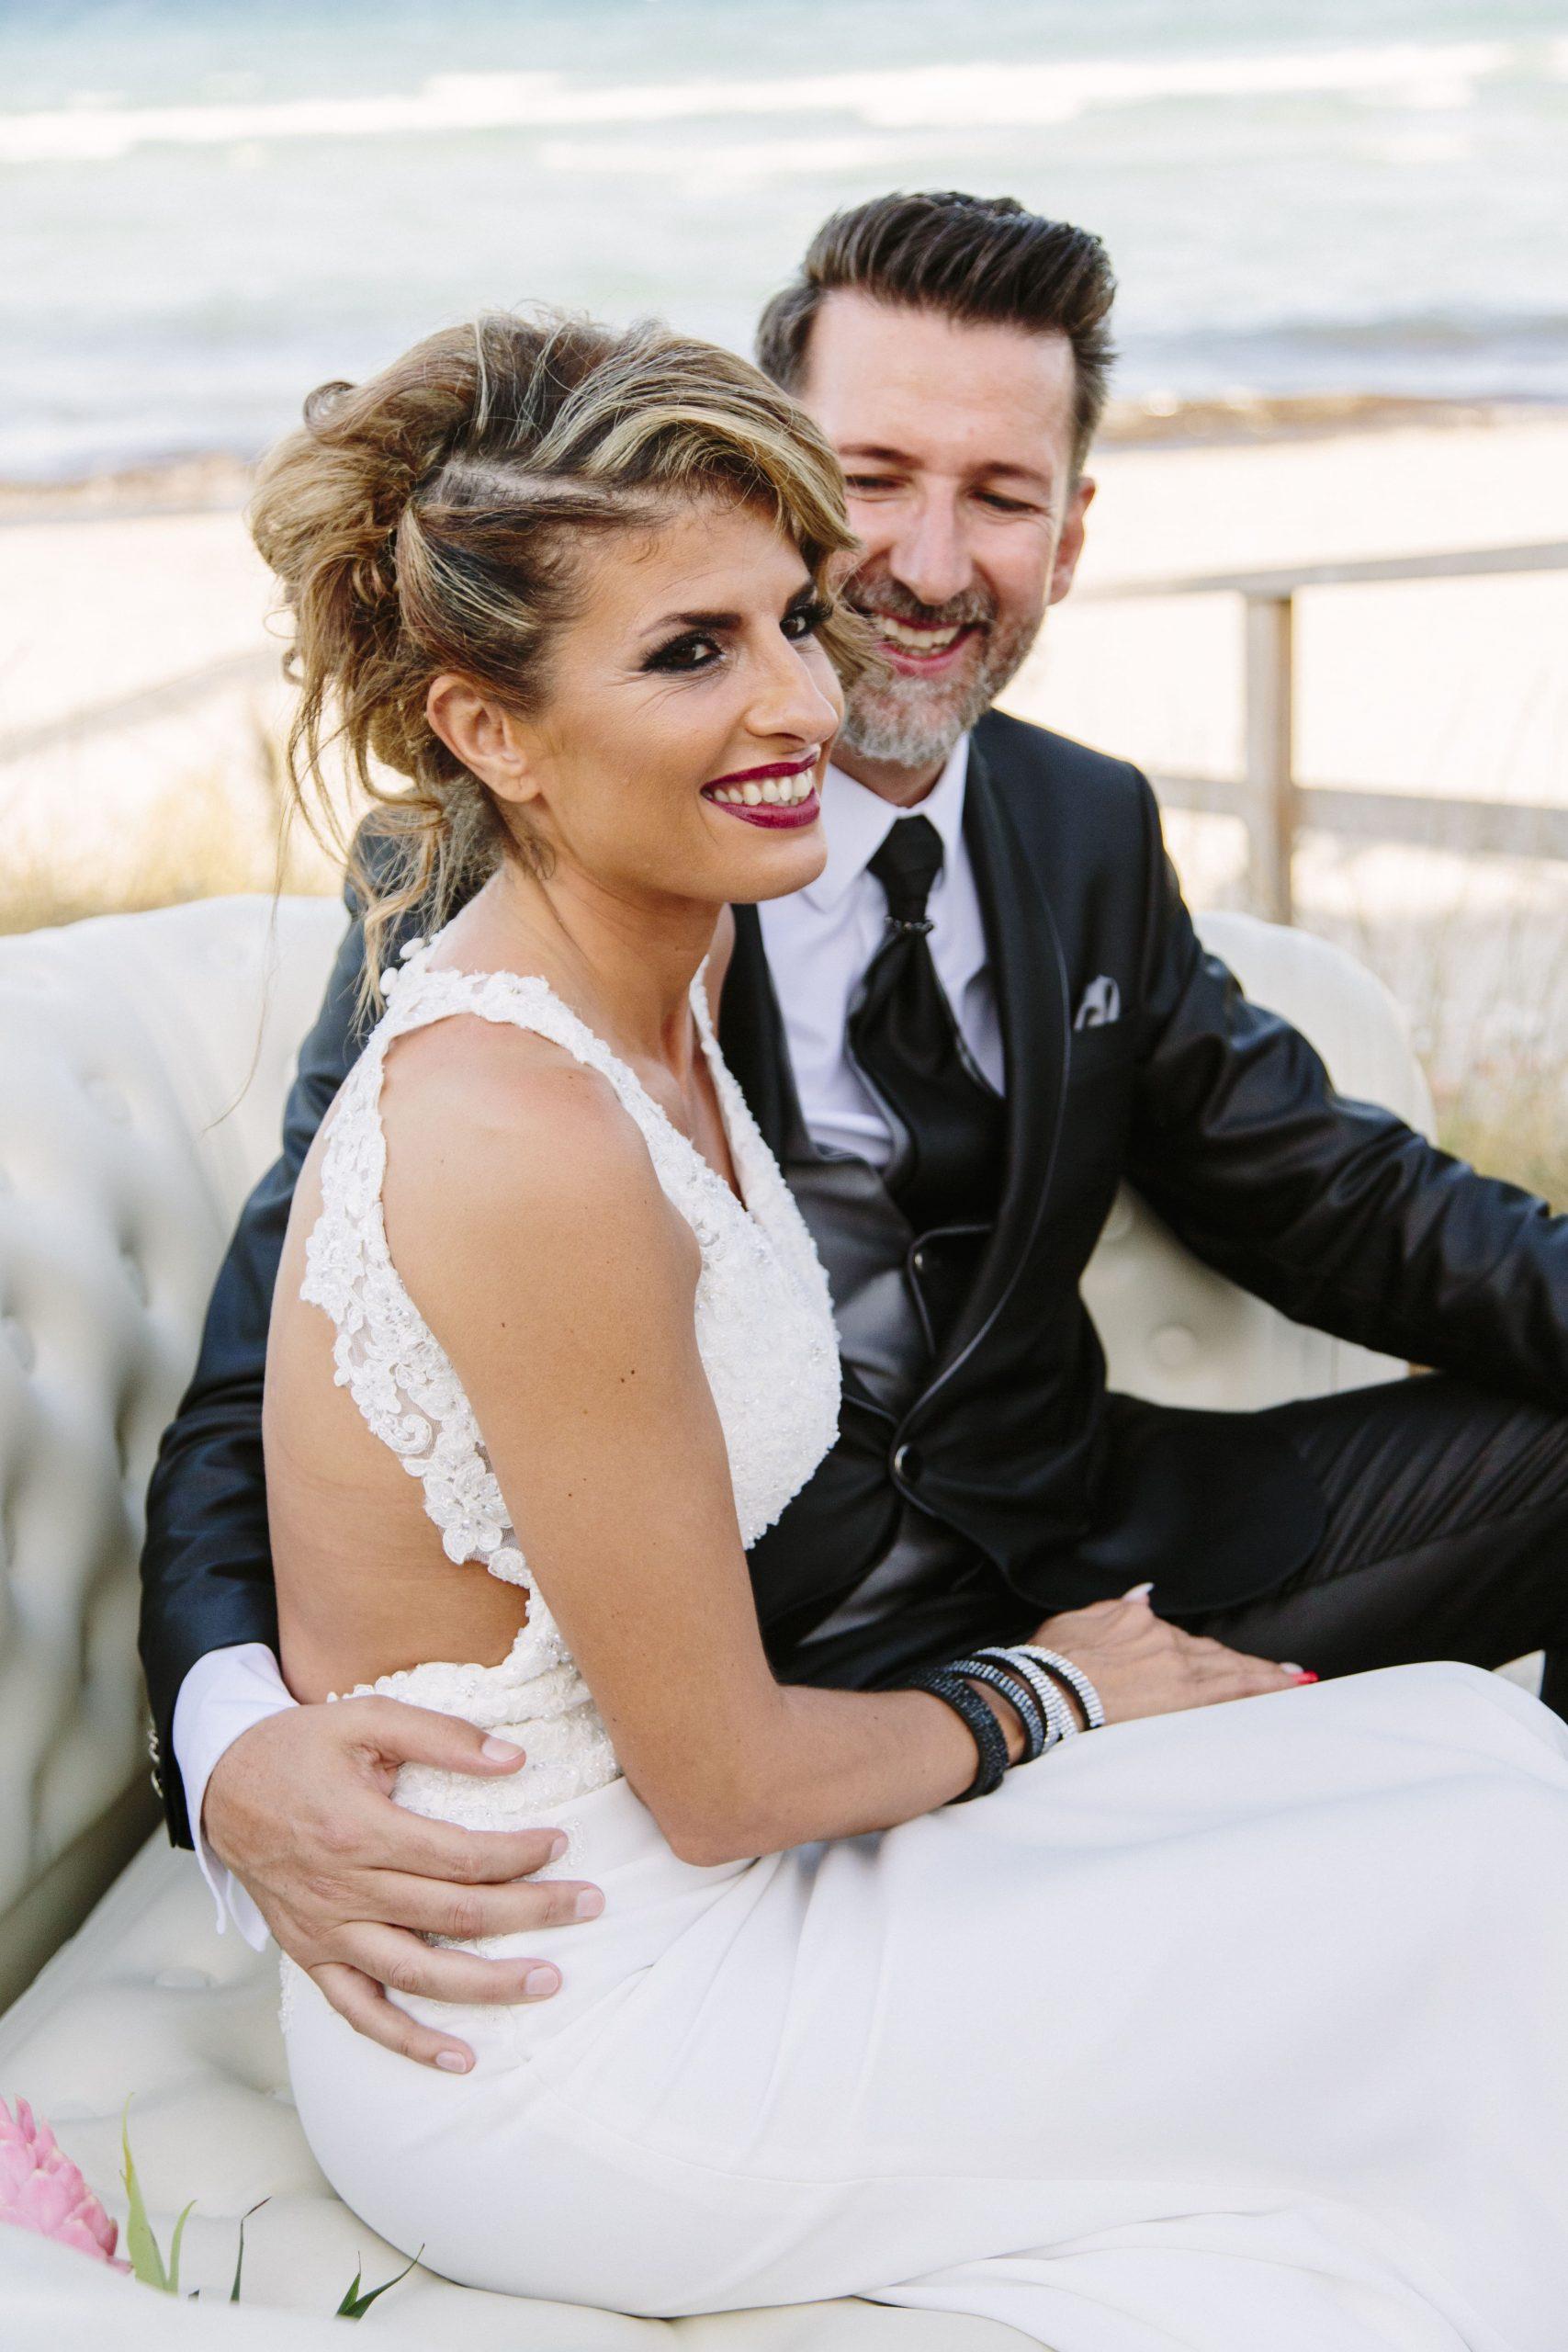 Wedding in the Mediterranean